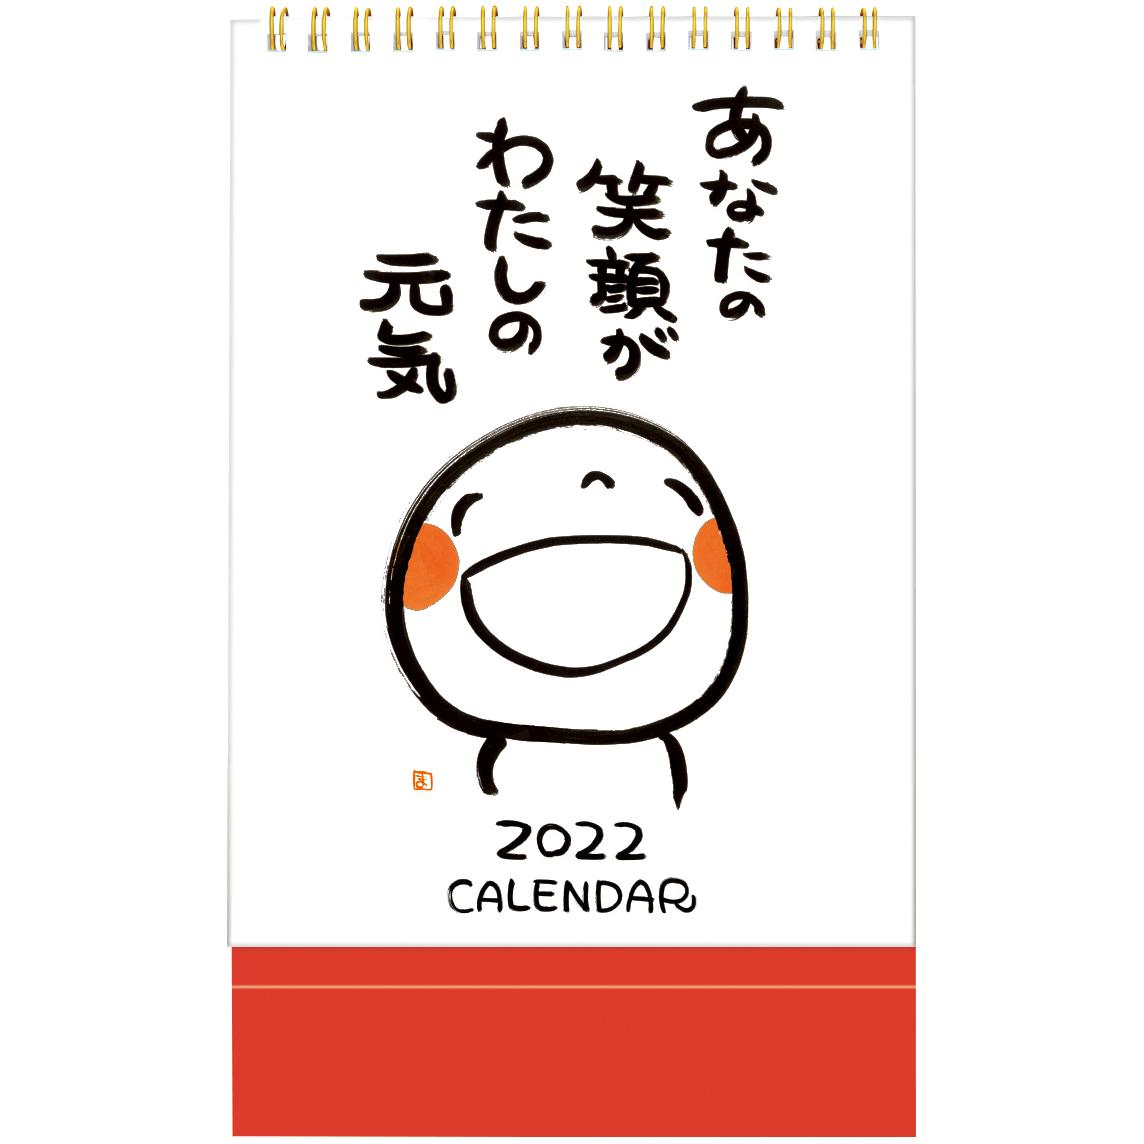 笑い文字卓上カレンダー